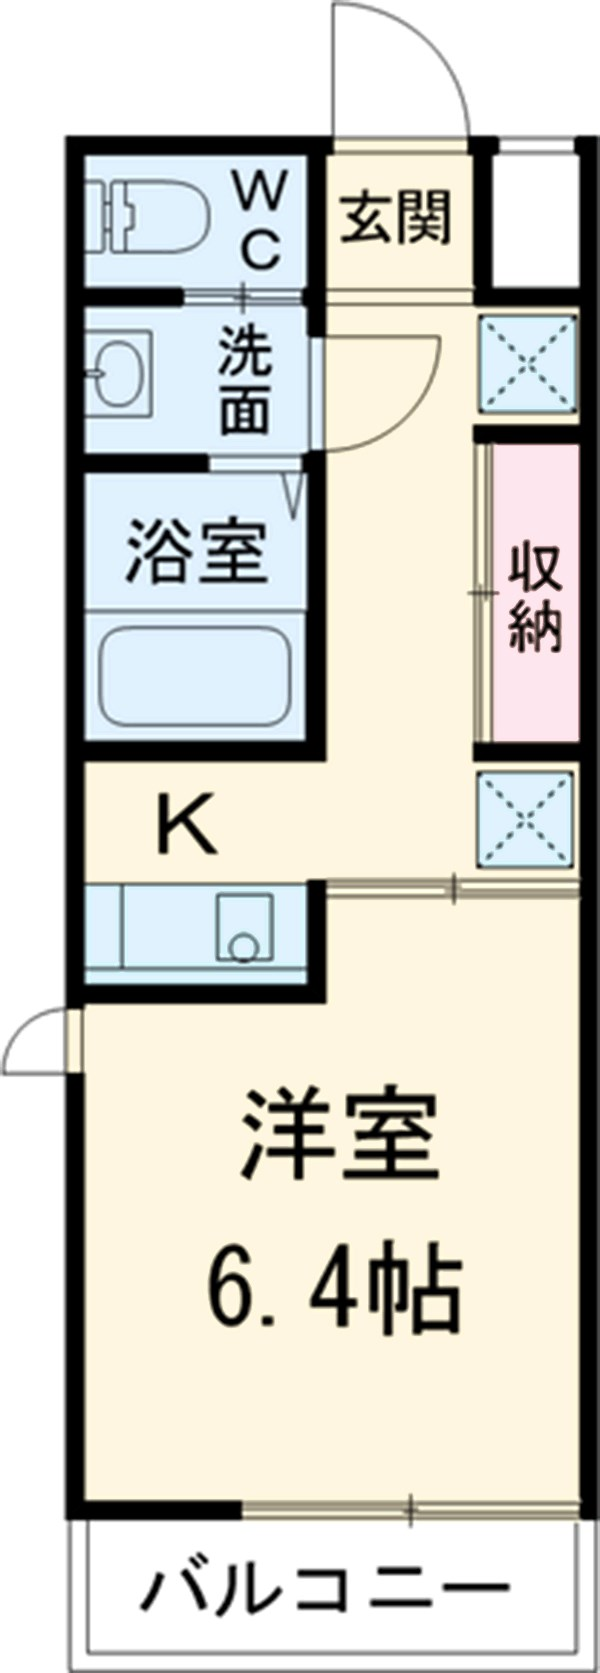 第12フォンタナ駒沢 206号室の間取り